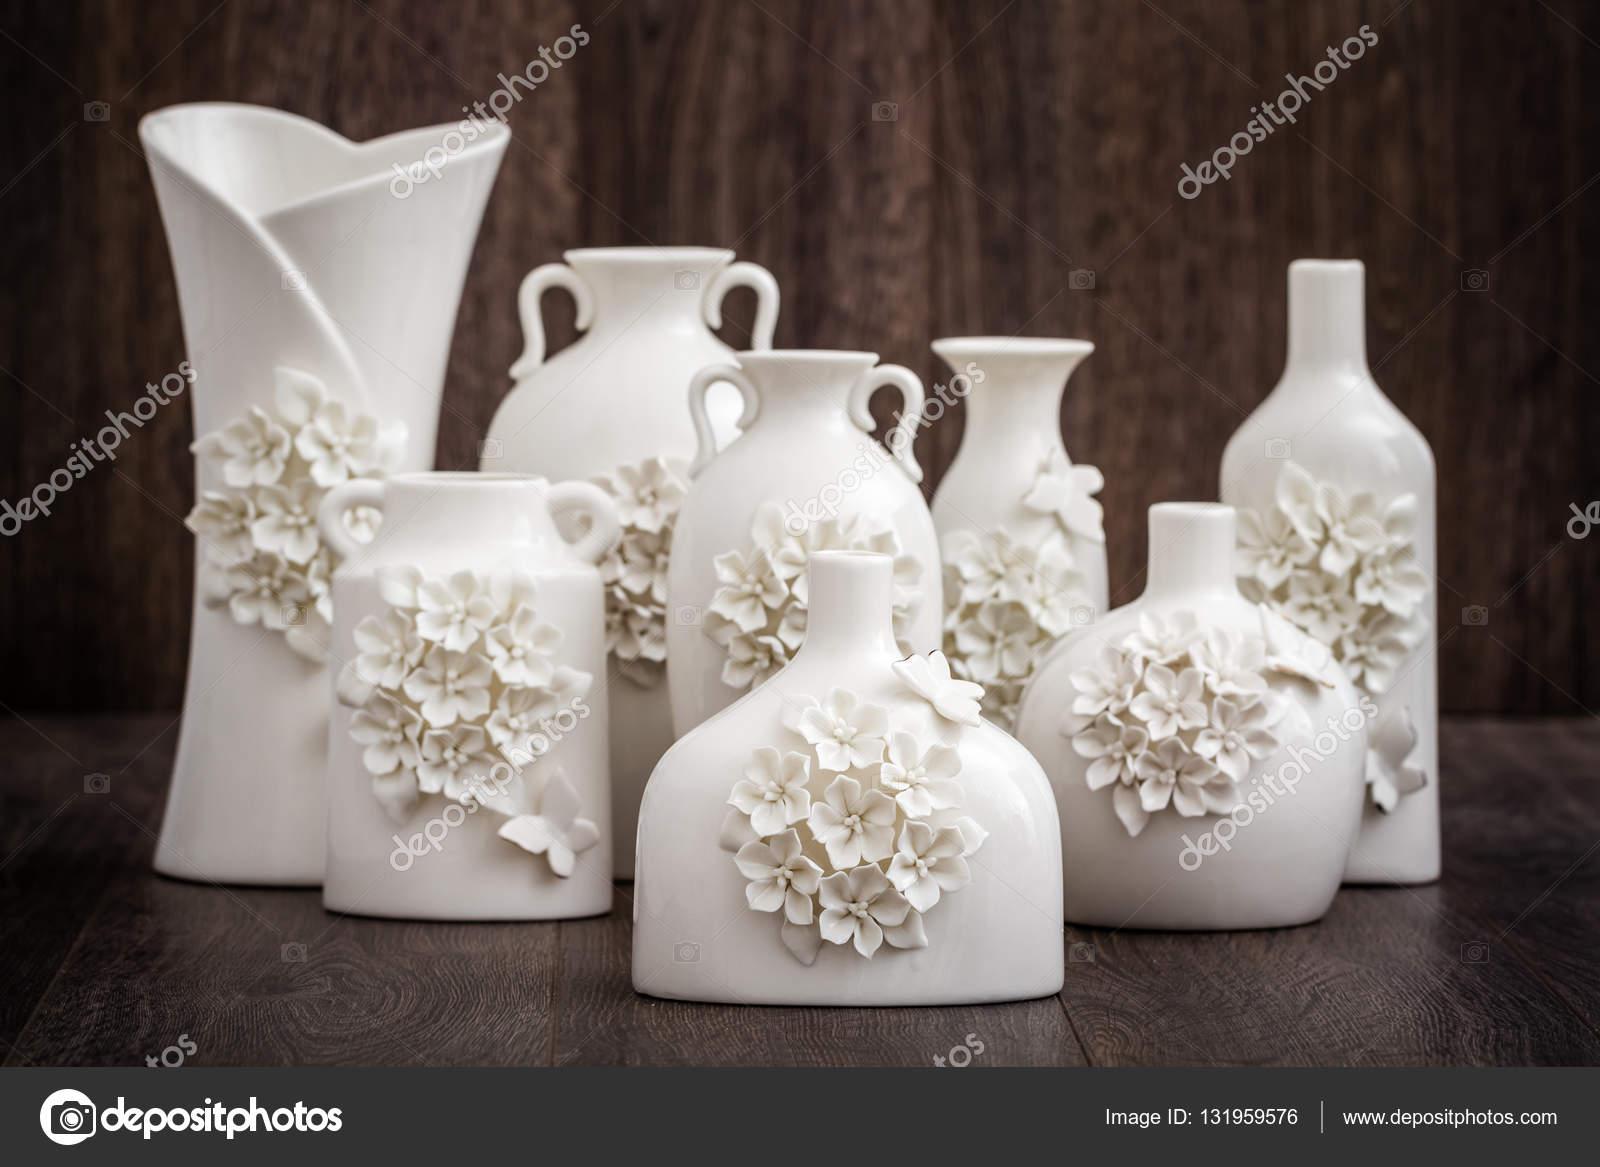 Różnych Dekoracyjne Wazony Białe Na Brązowym Tle Zdjęcie